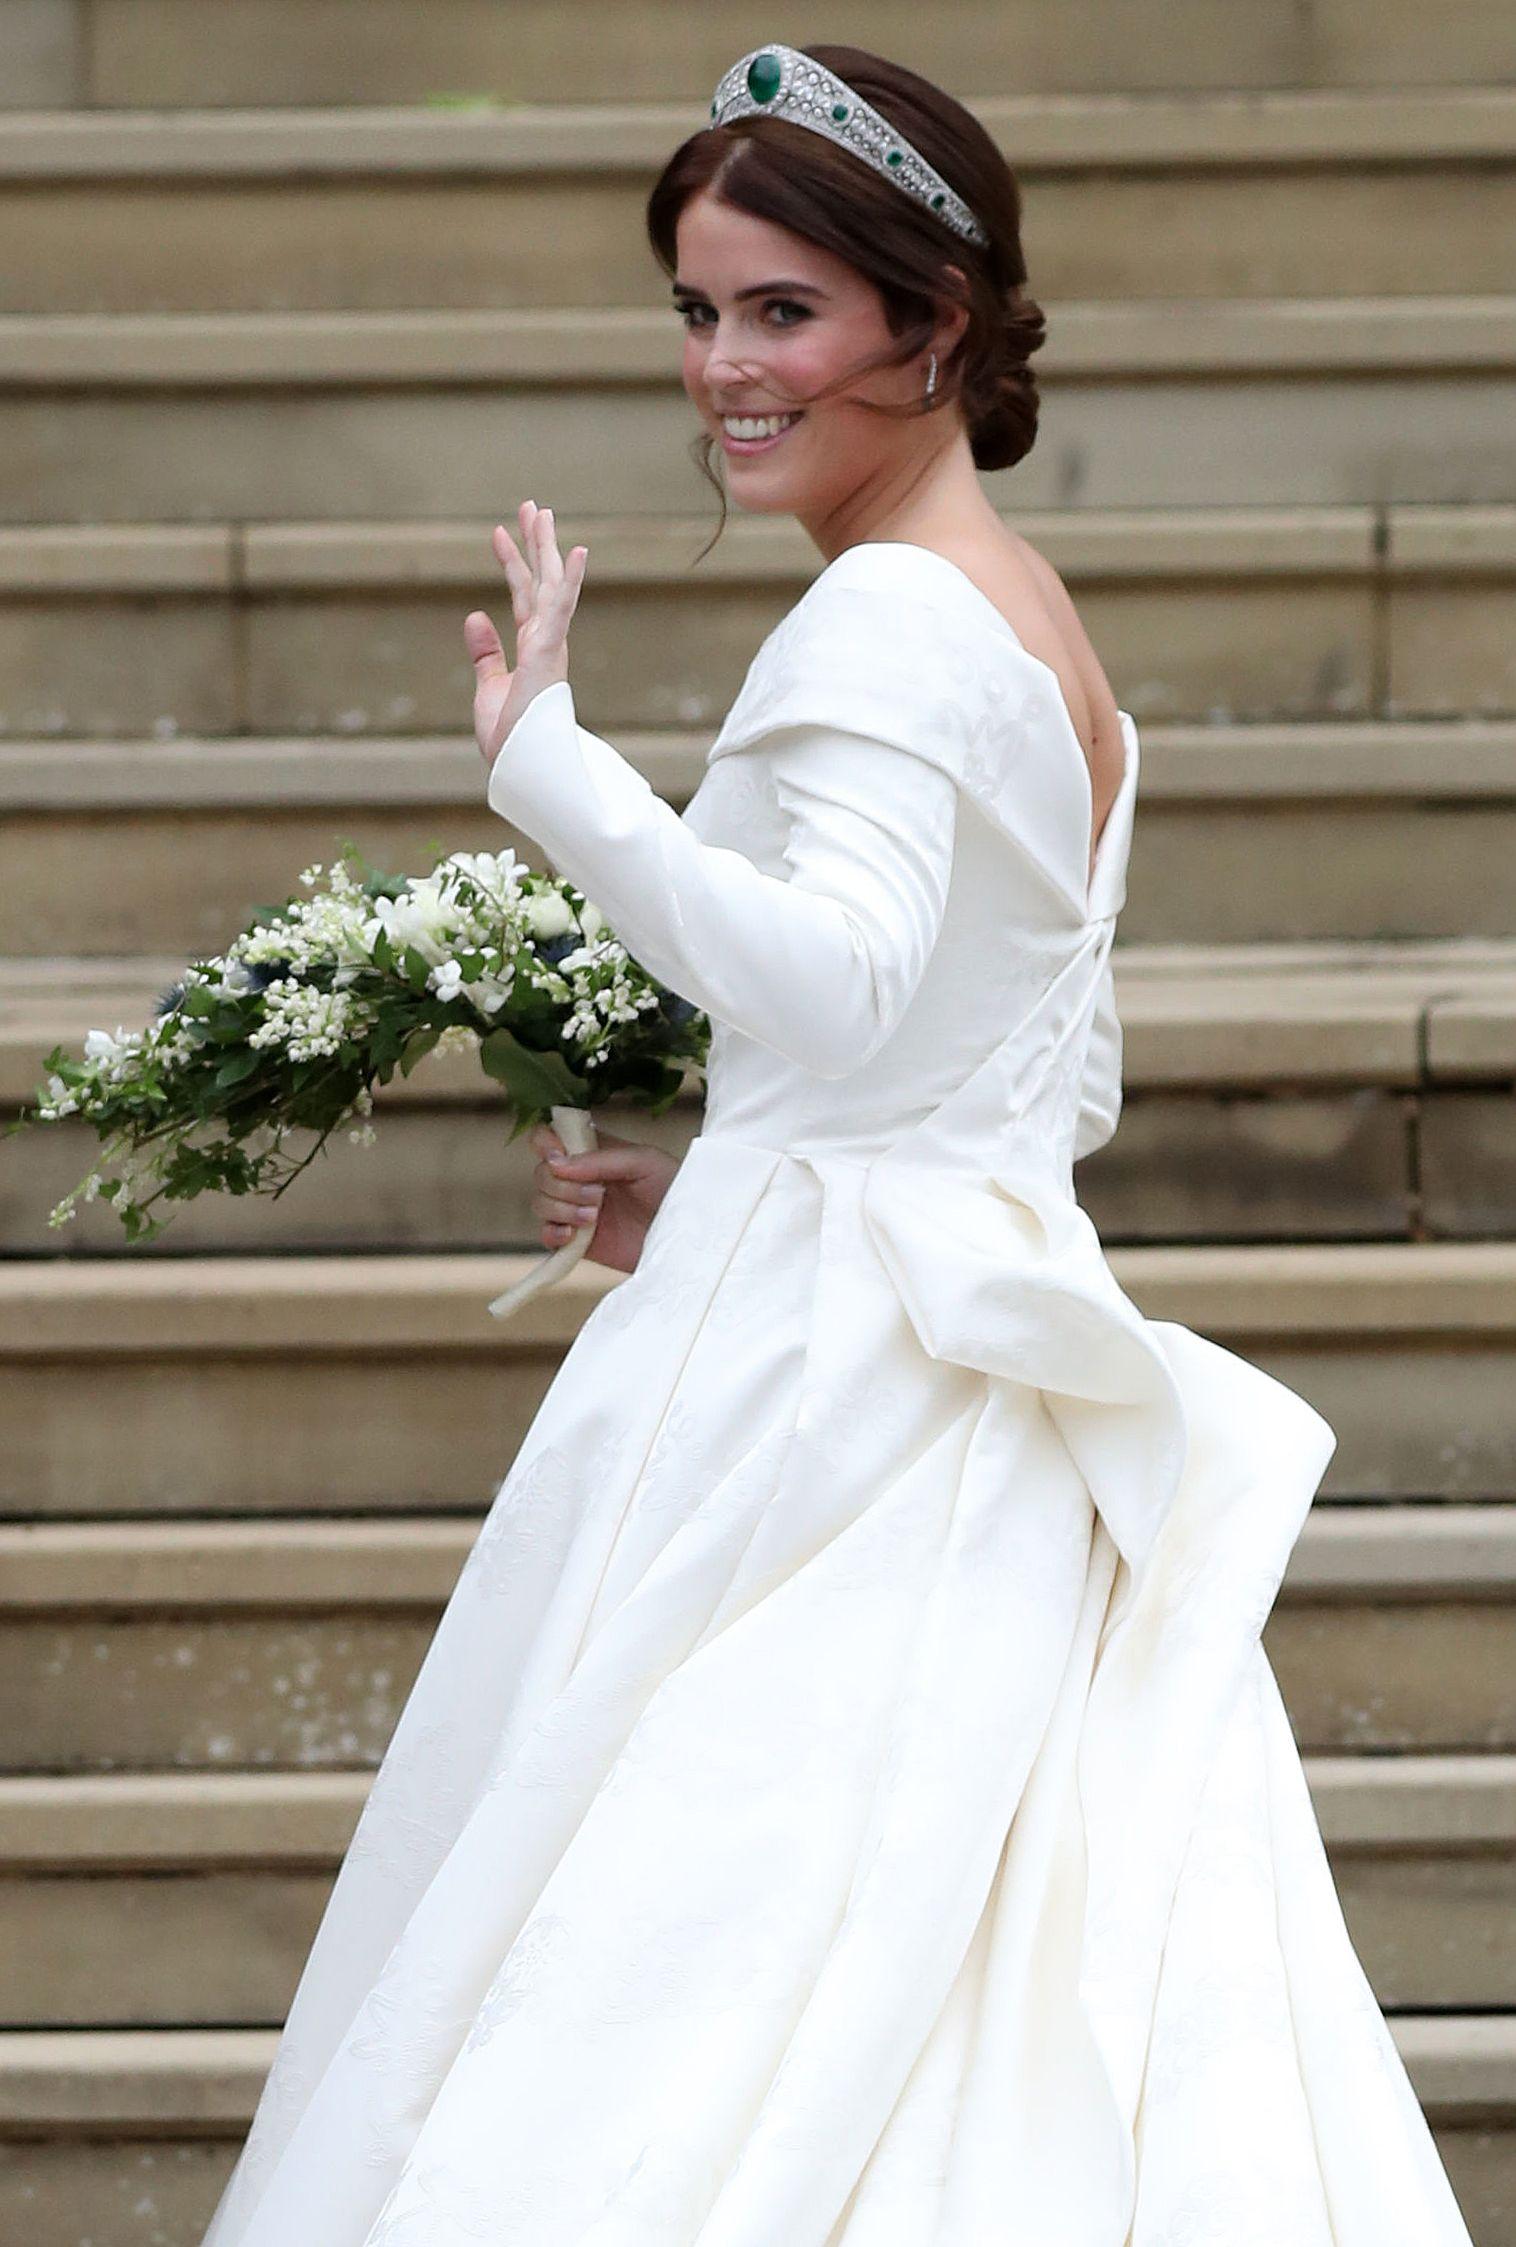 Princess Eugenie S Wedding Dress Photos Designer Tiara And More